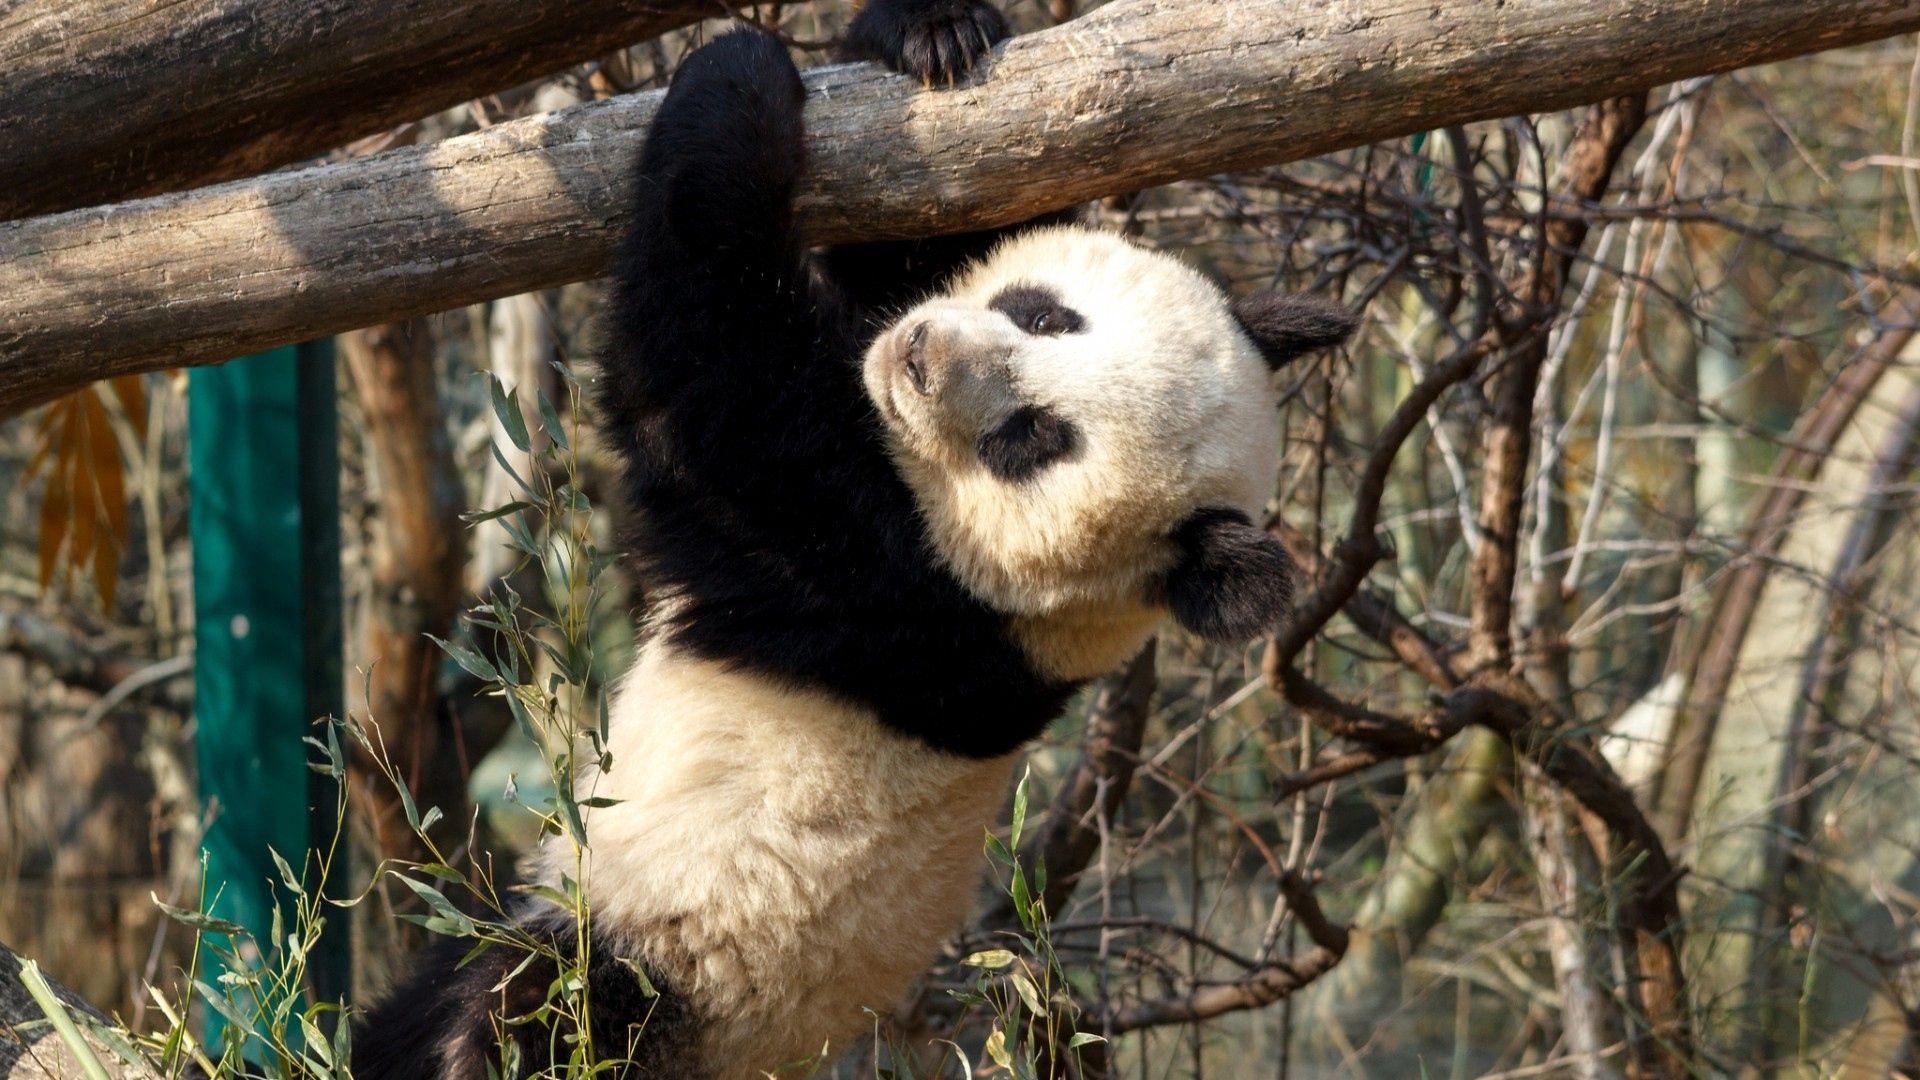 Panda Photos On Desktop